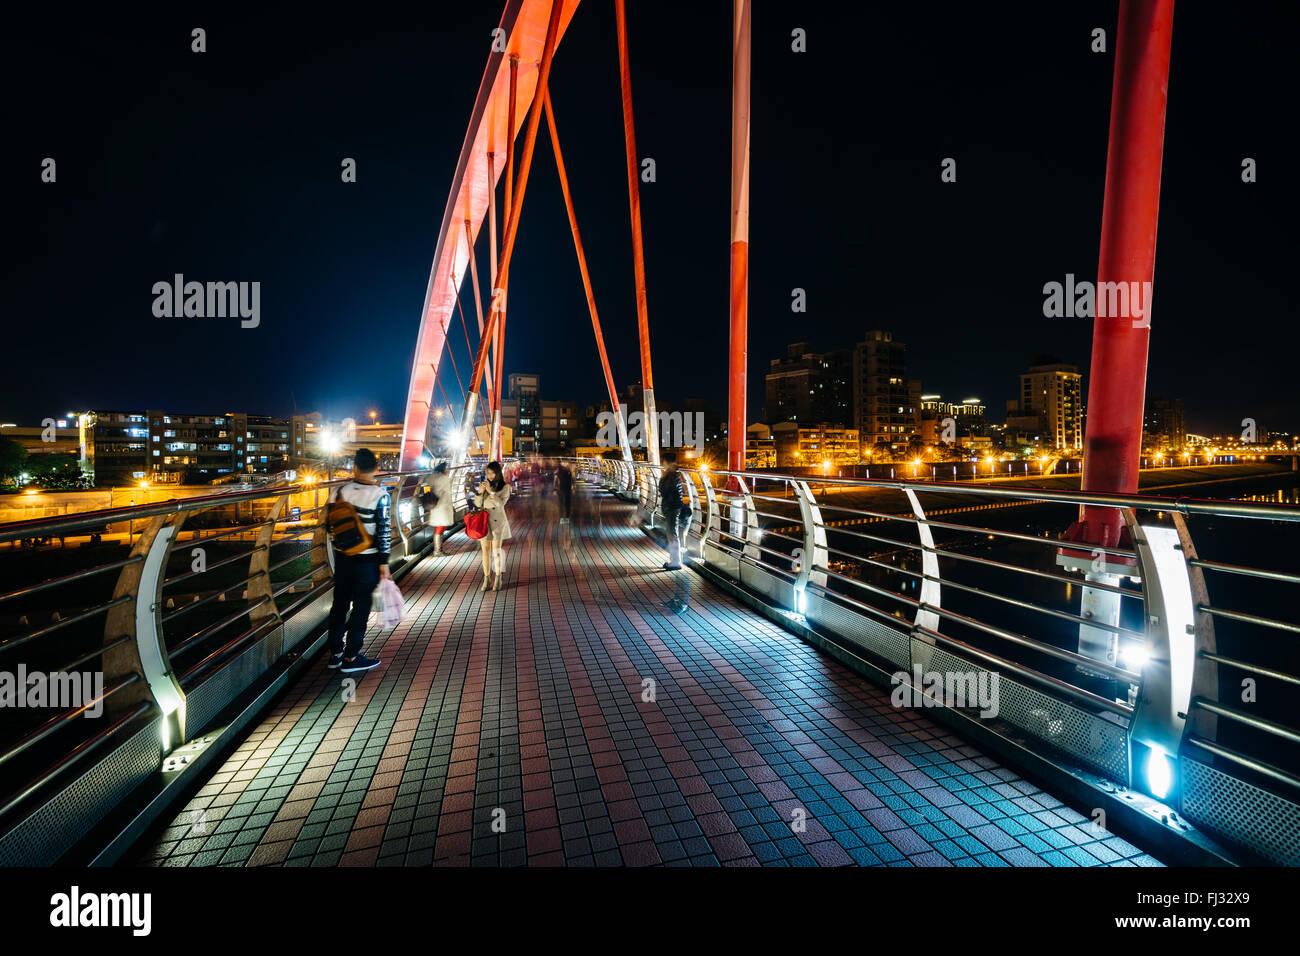 Le pont en arc-en-ciel de nuit, à Taipei, Taiwan. Photo Stock